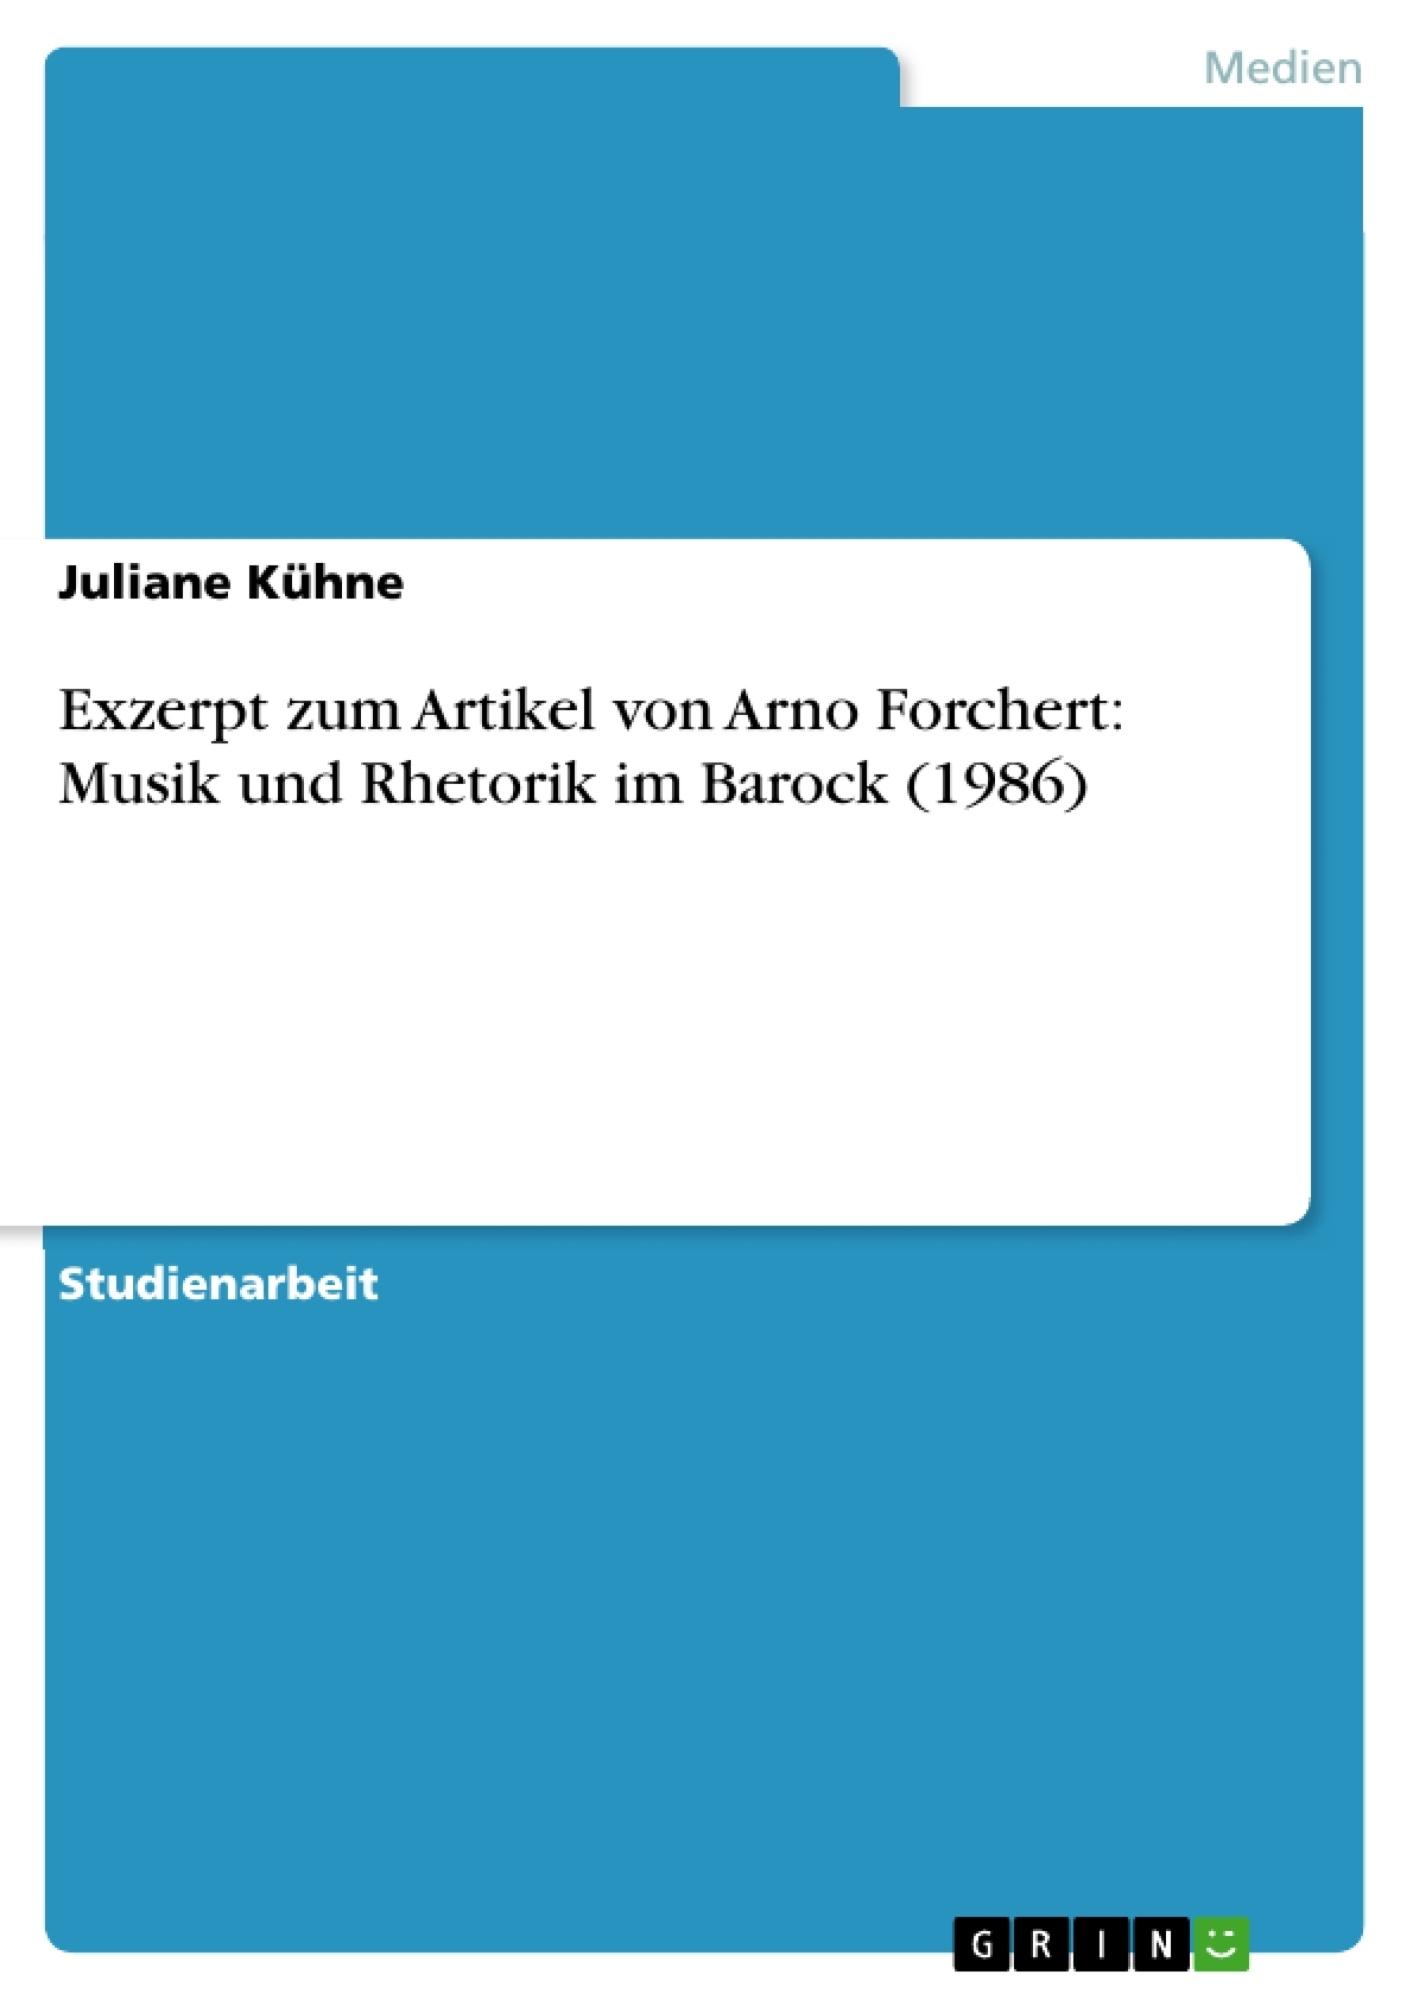 Titel: Exzerpt zum Artikel von Arno Forchert: Musik und Rhetorik im Barock (1986)